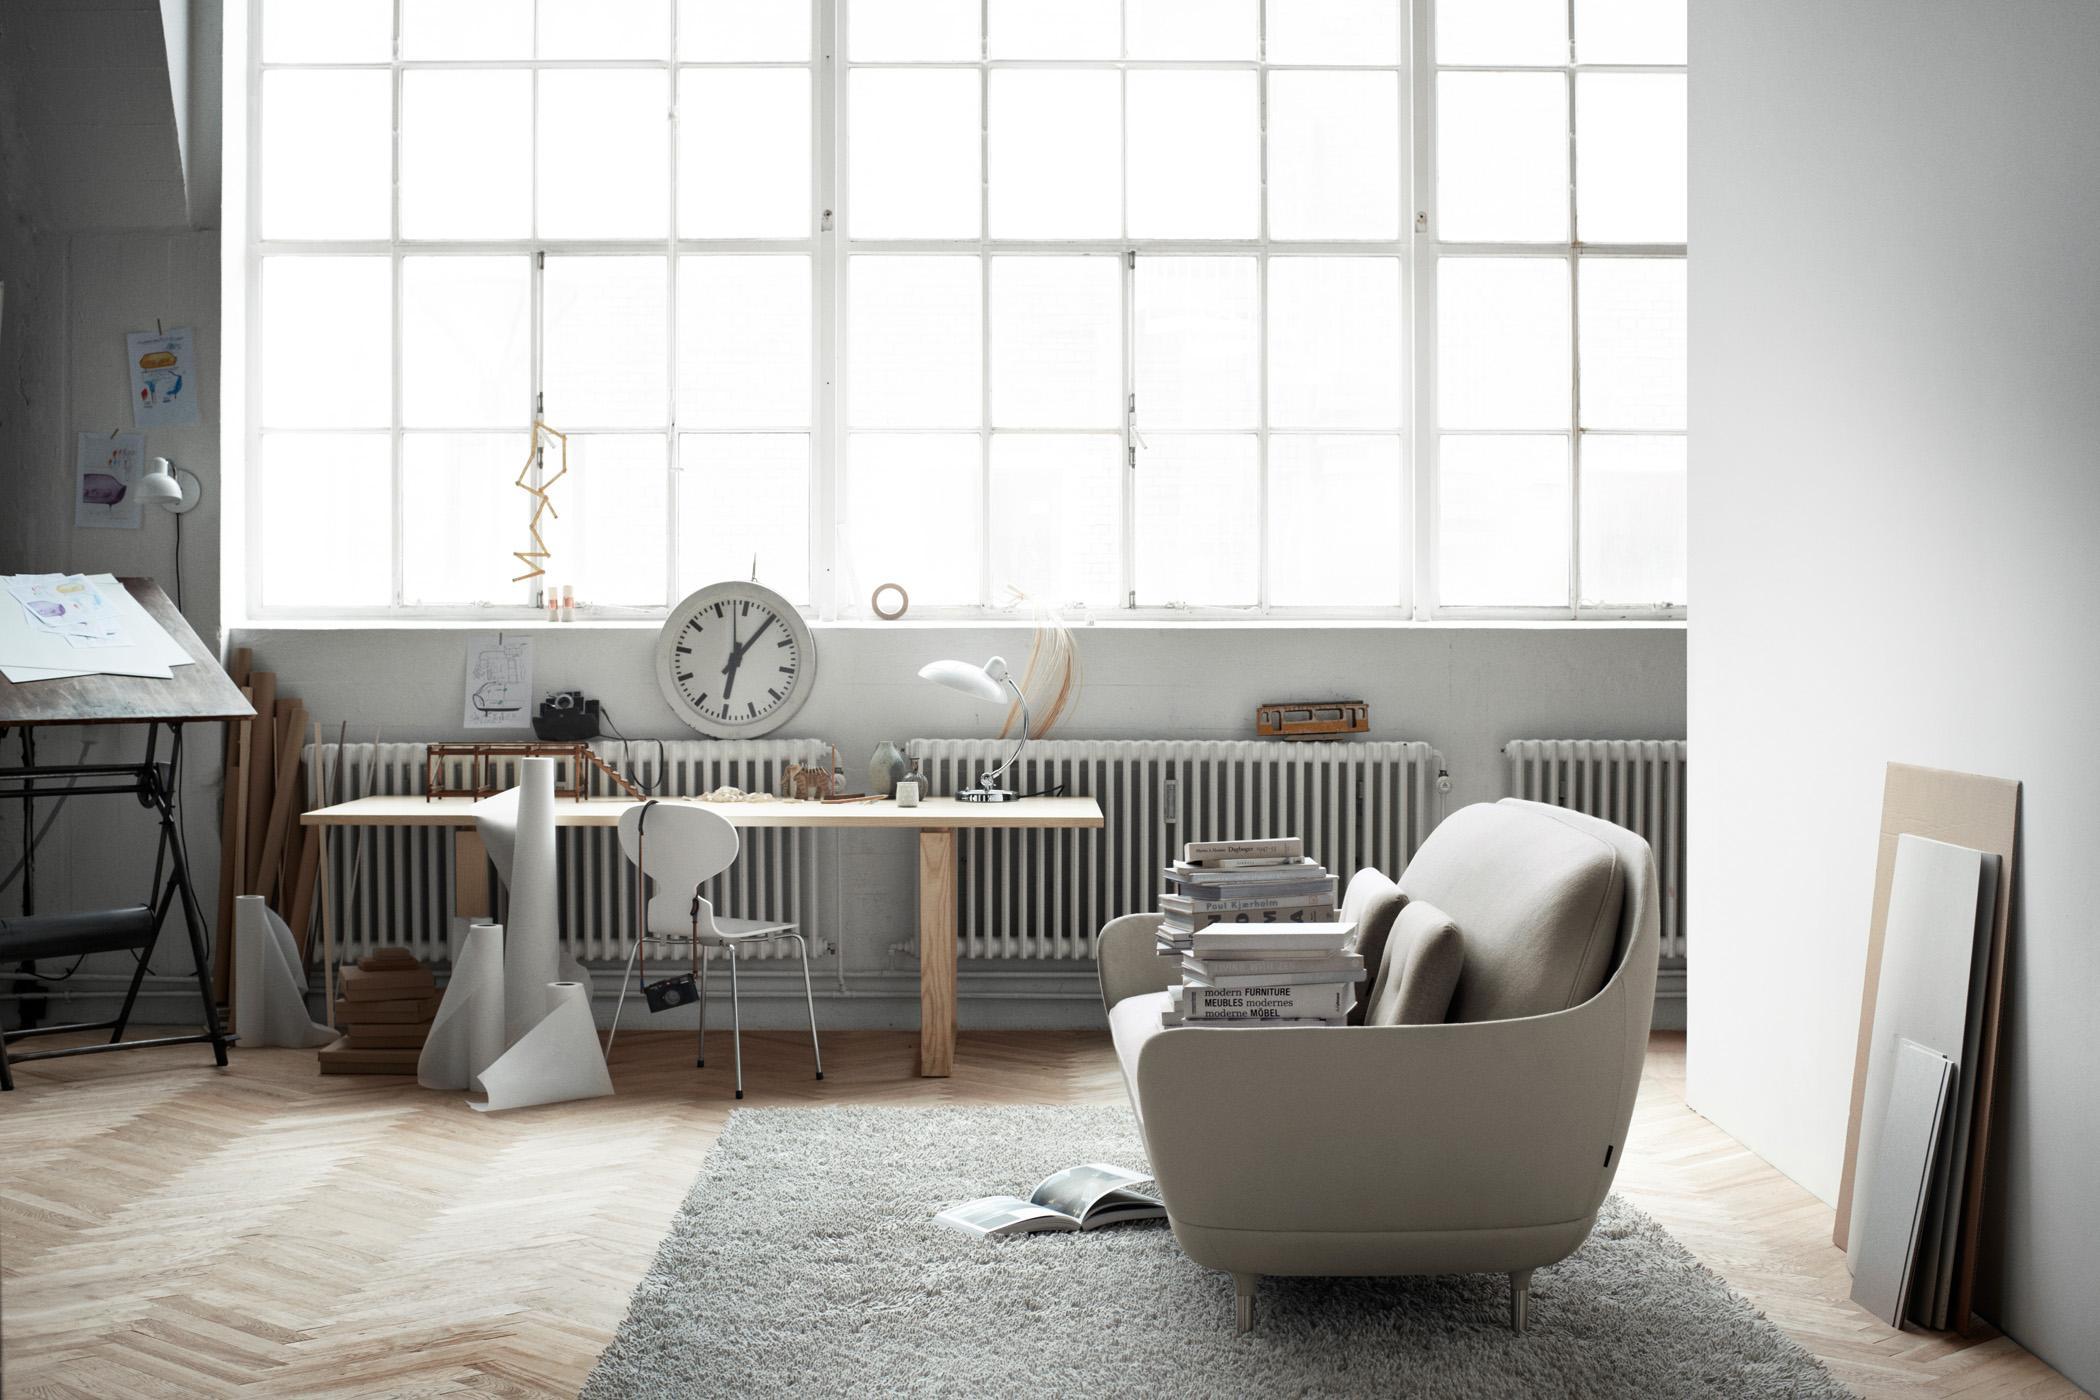 Minimalistisch Einrichten Teppich Sofa Wanduhr F